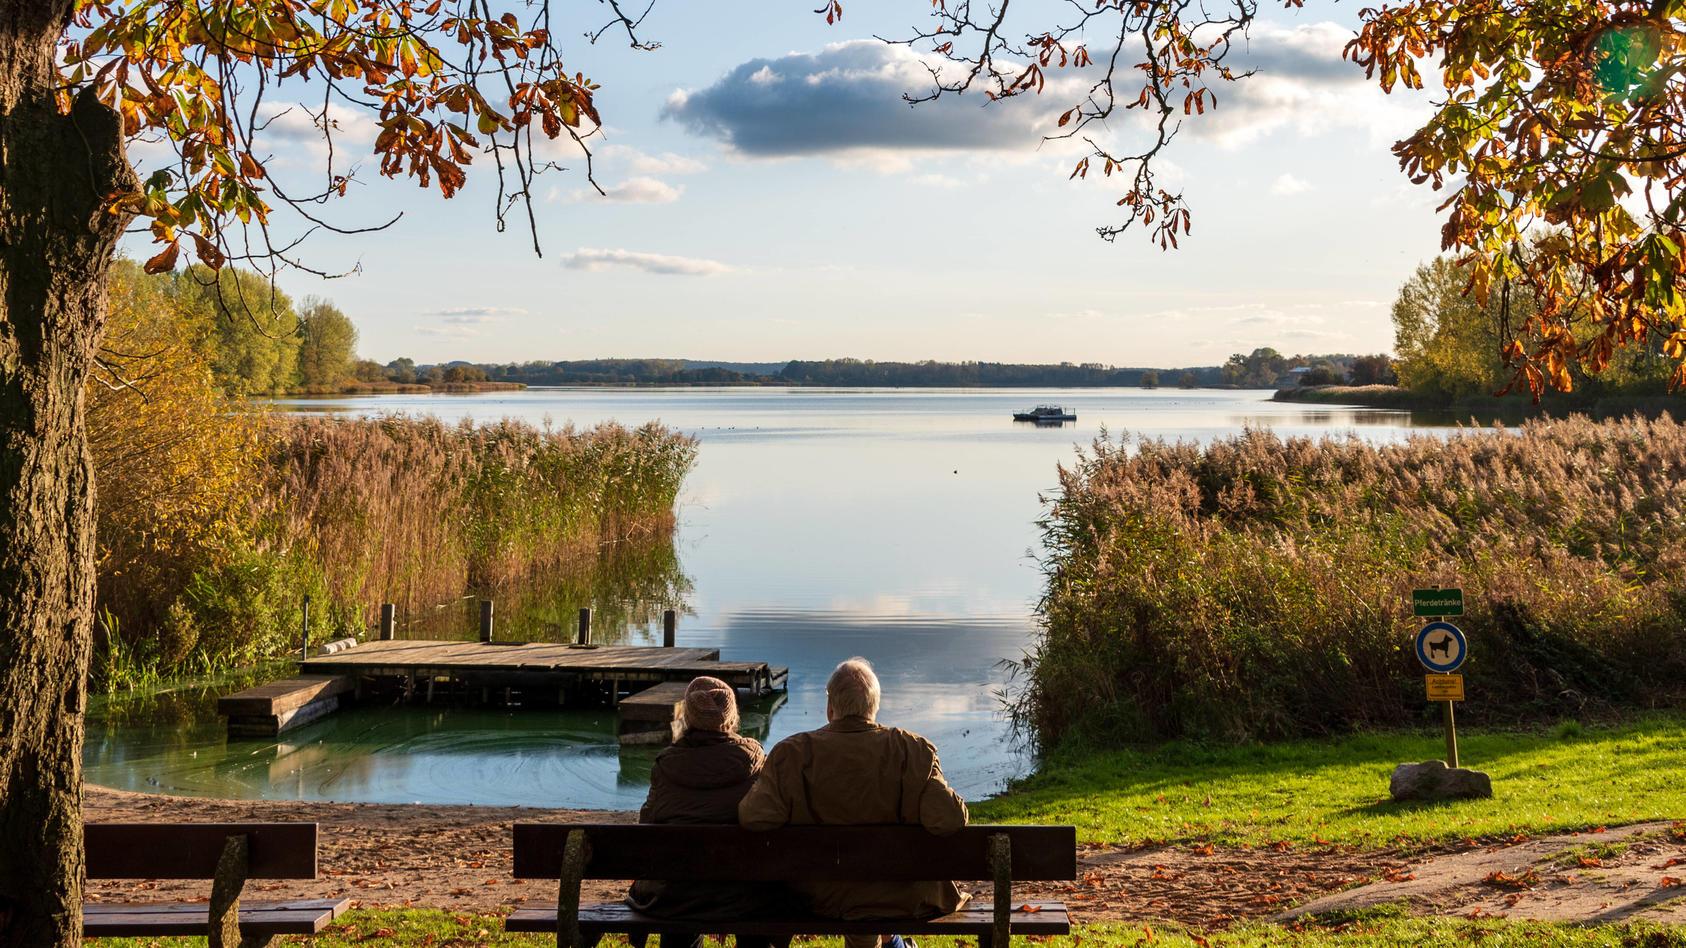 TouristenausSchleswig-Holsteinmüssen spätestens am Montag (2.11.) abreisen - mit Ausnahme derUrlauberauf den Nordsee-Inseln und Halligen.